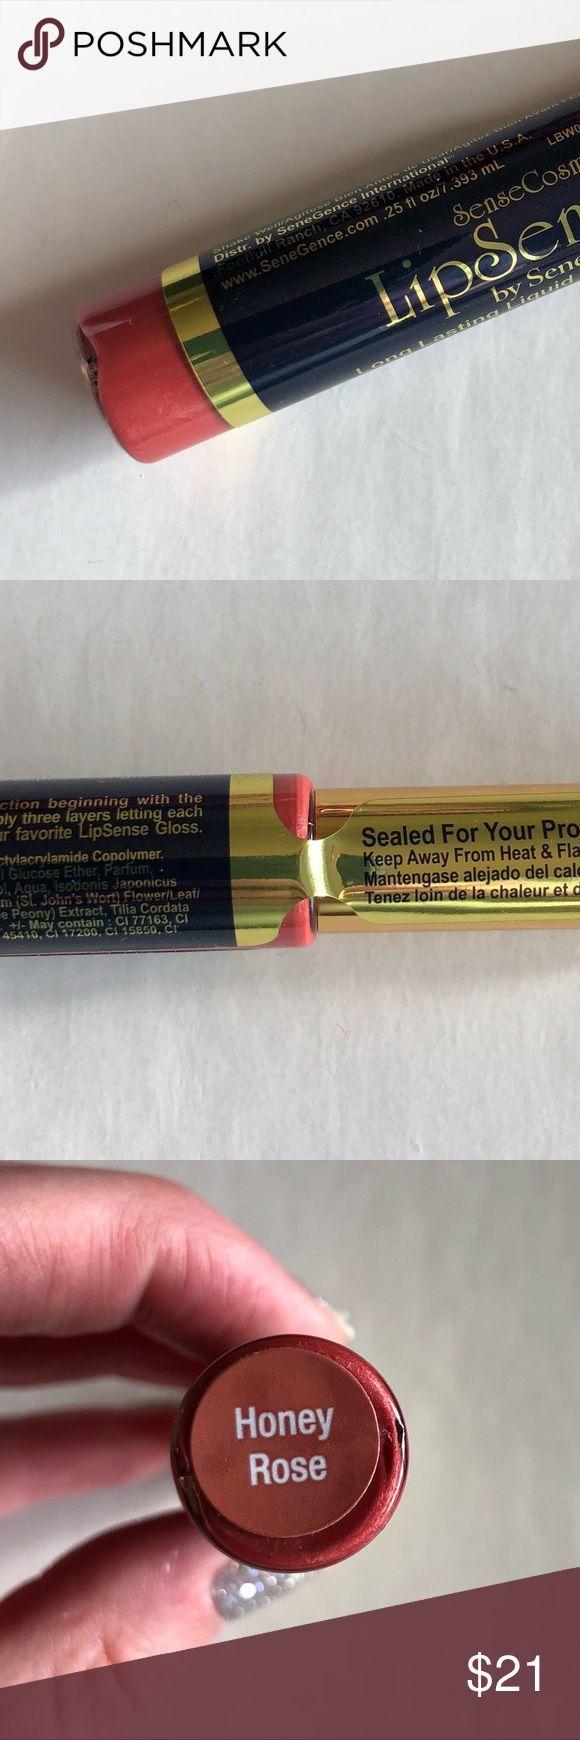 Honey Rose LipSense Sheer Rose Gold Lipstick Model new Sealed Honey Rose LipSe